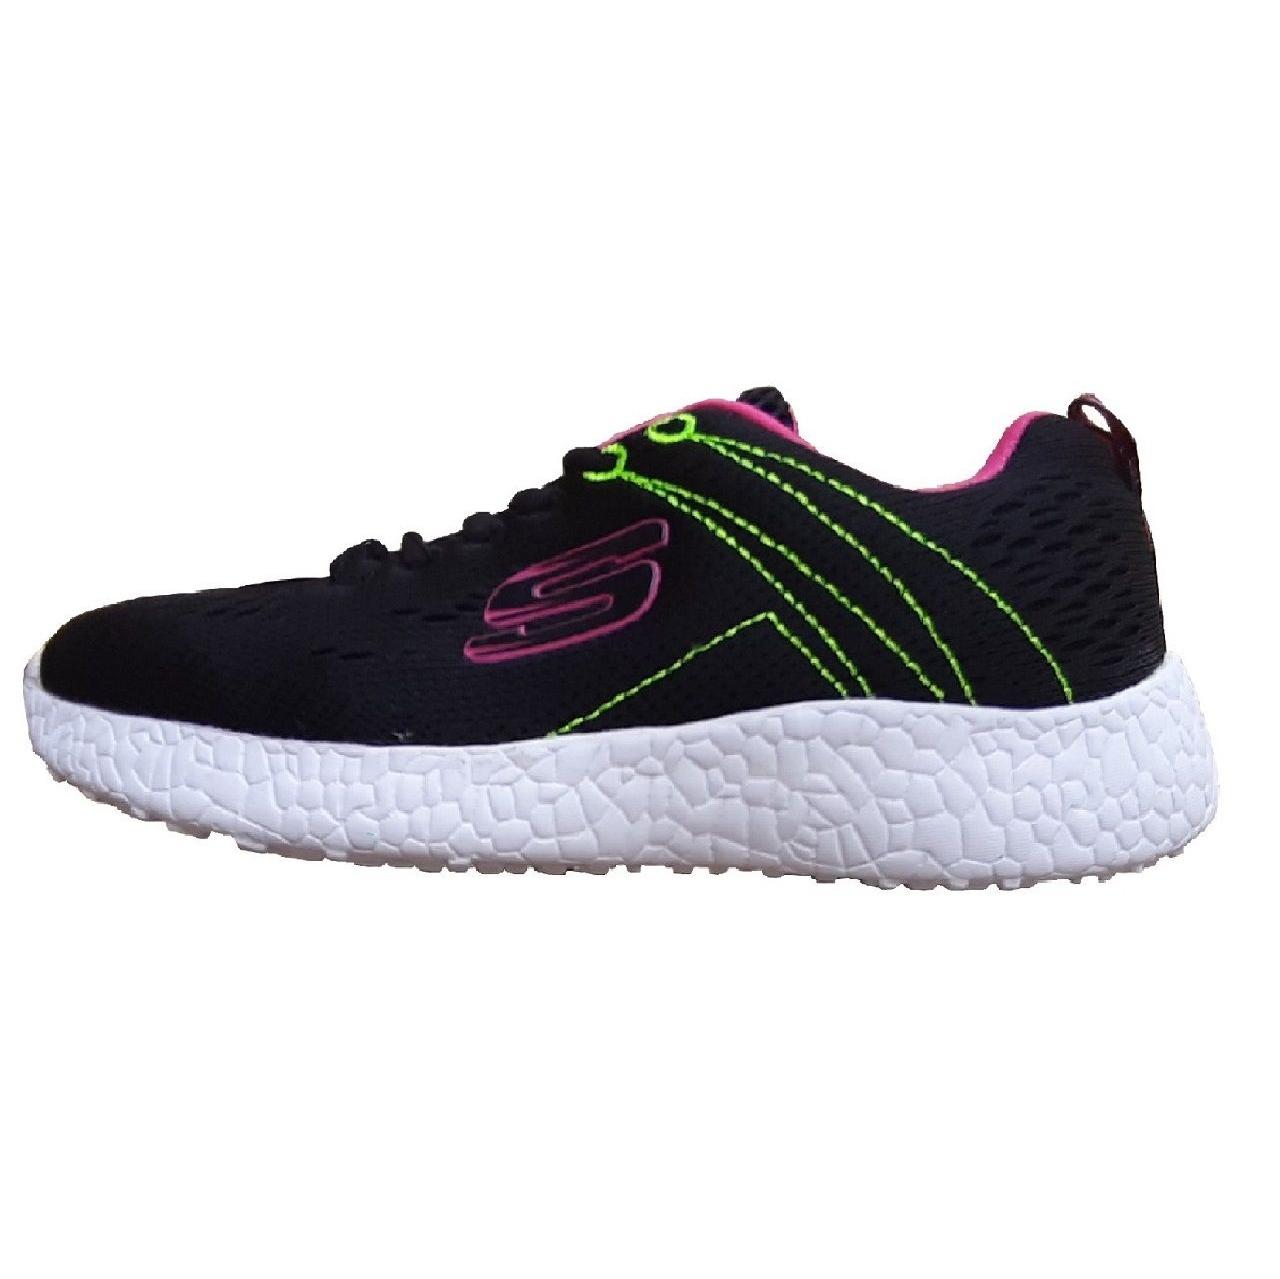 کفش مخصوص پیاده روی  زنانه کد 219004 رنگ مشکی